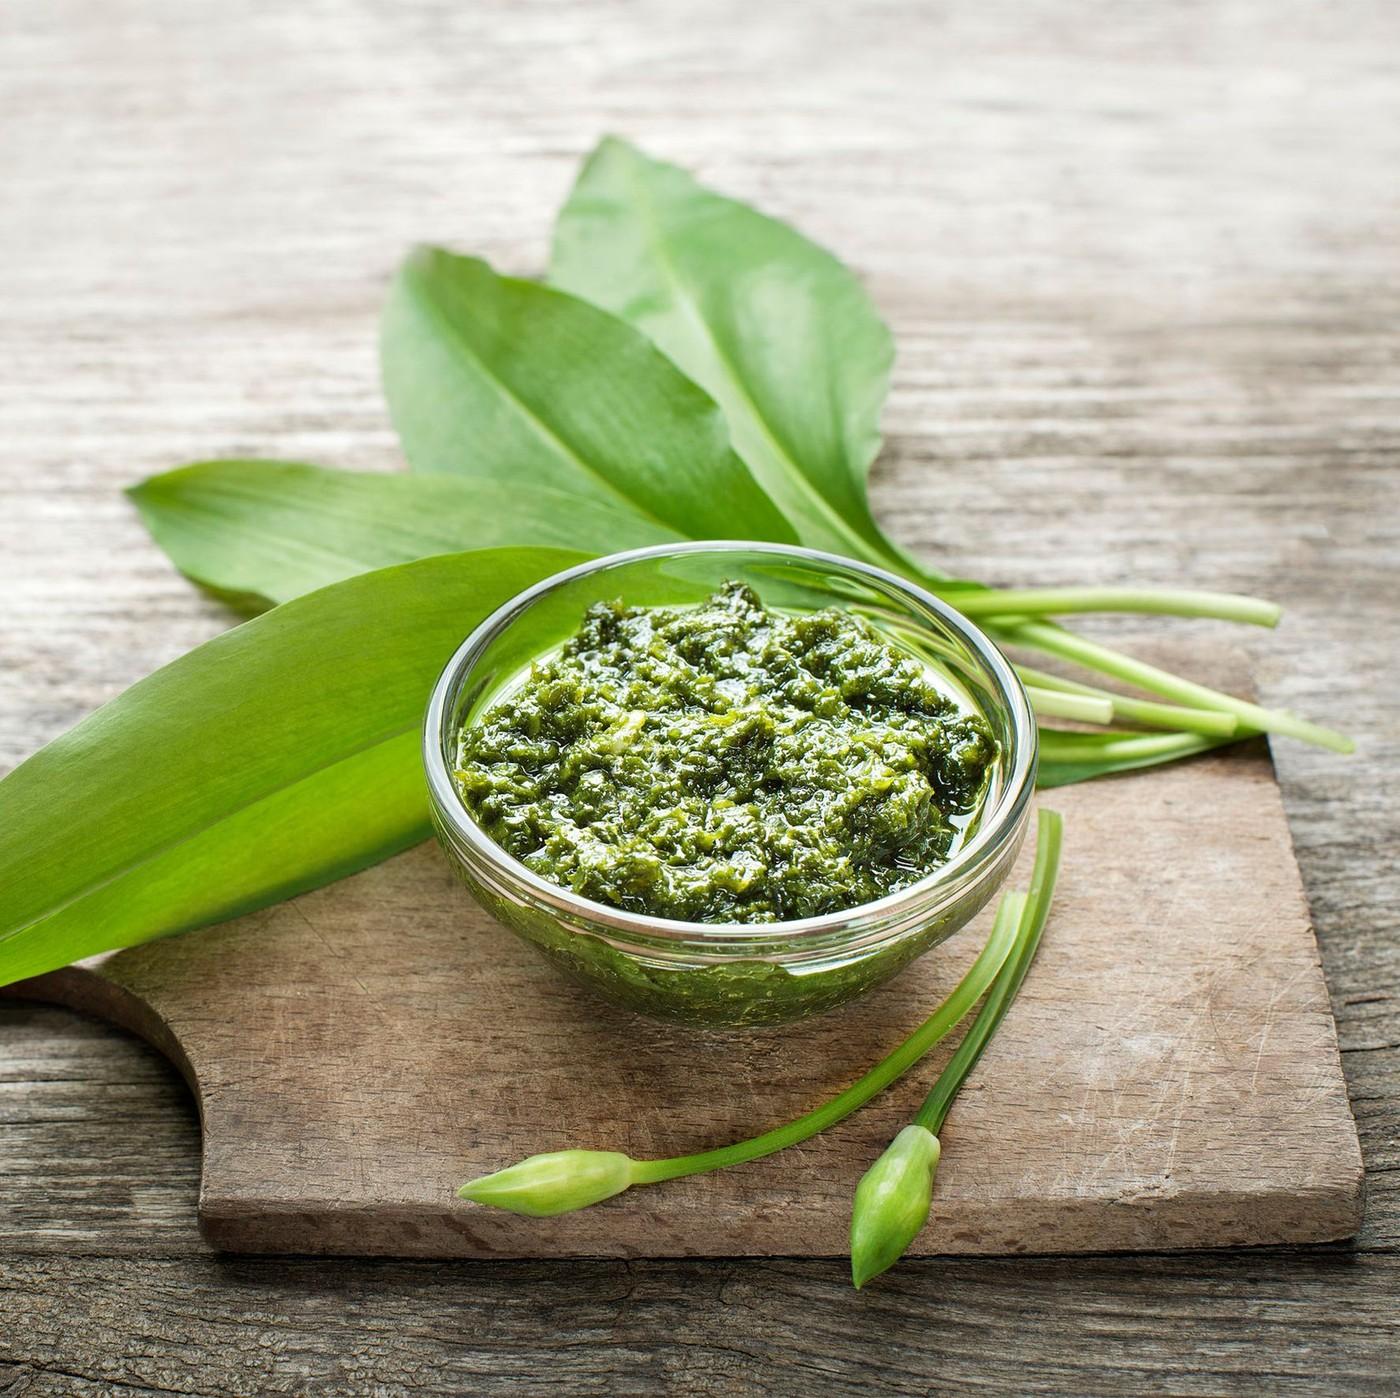 receta de Pesto Con Albahaca Genovesa Dop